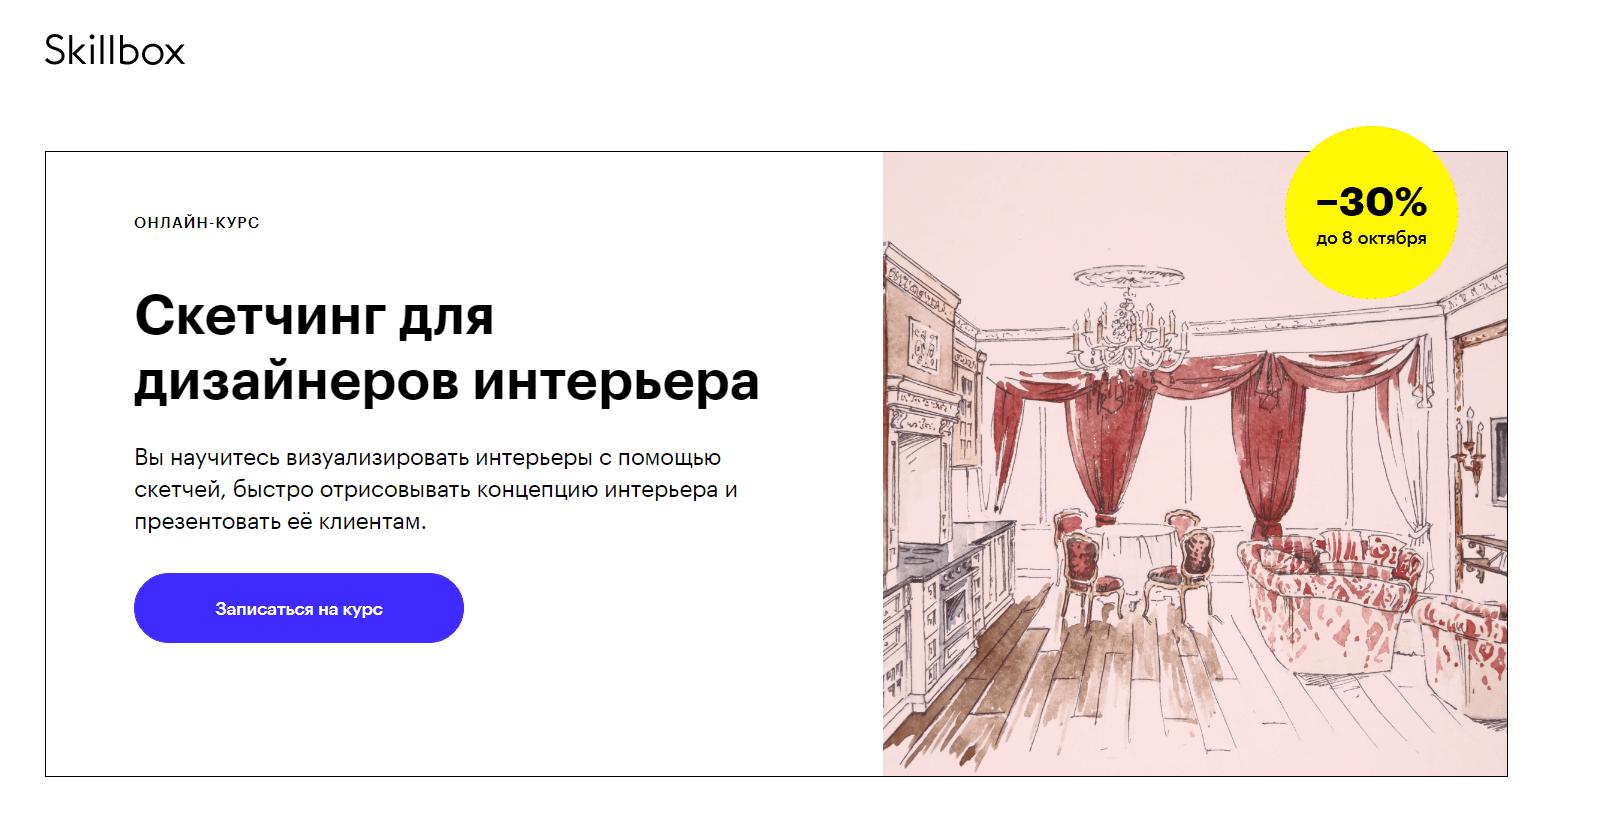 Скетчинг для дизайнеров интерьера